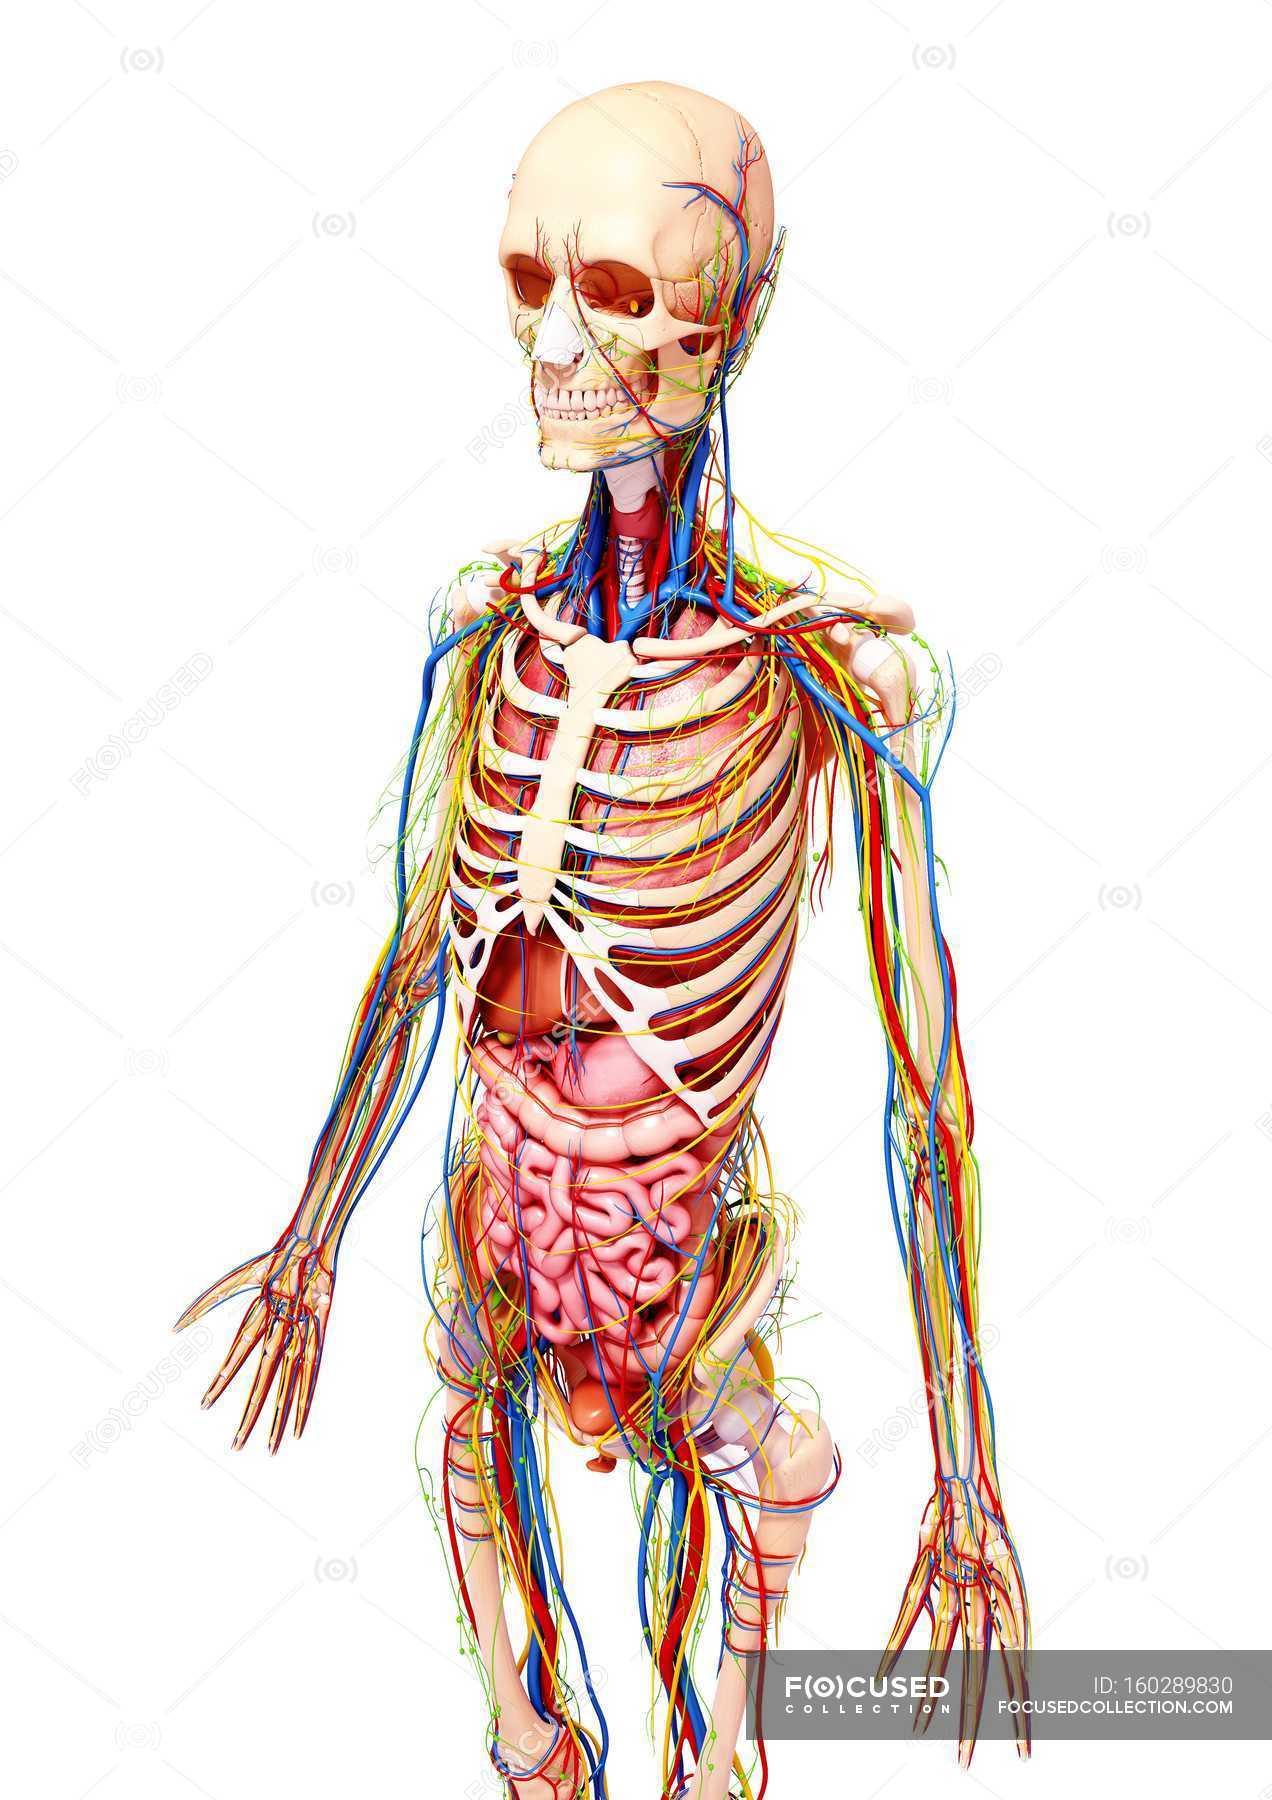 Anatomie und Körper-Systeme Erwachsenfrau — Stockfoto | #160289830